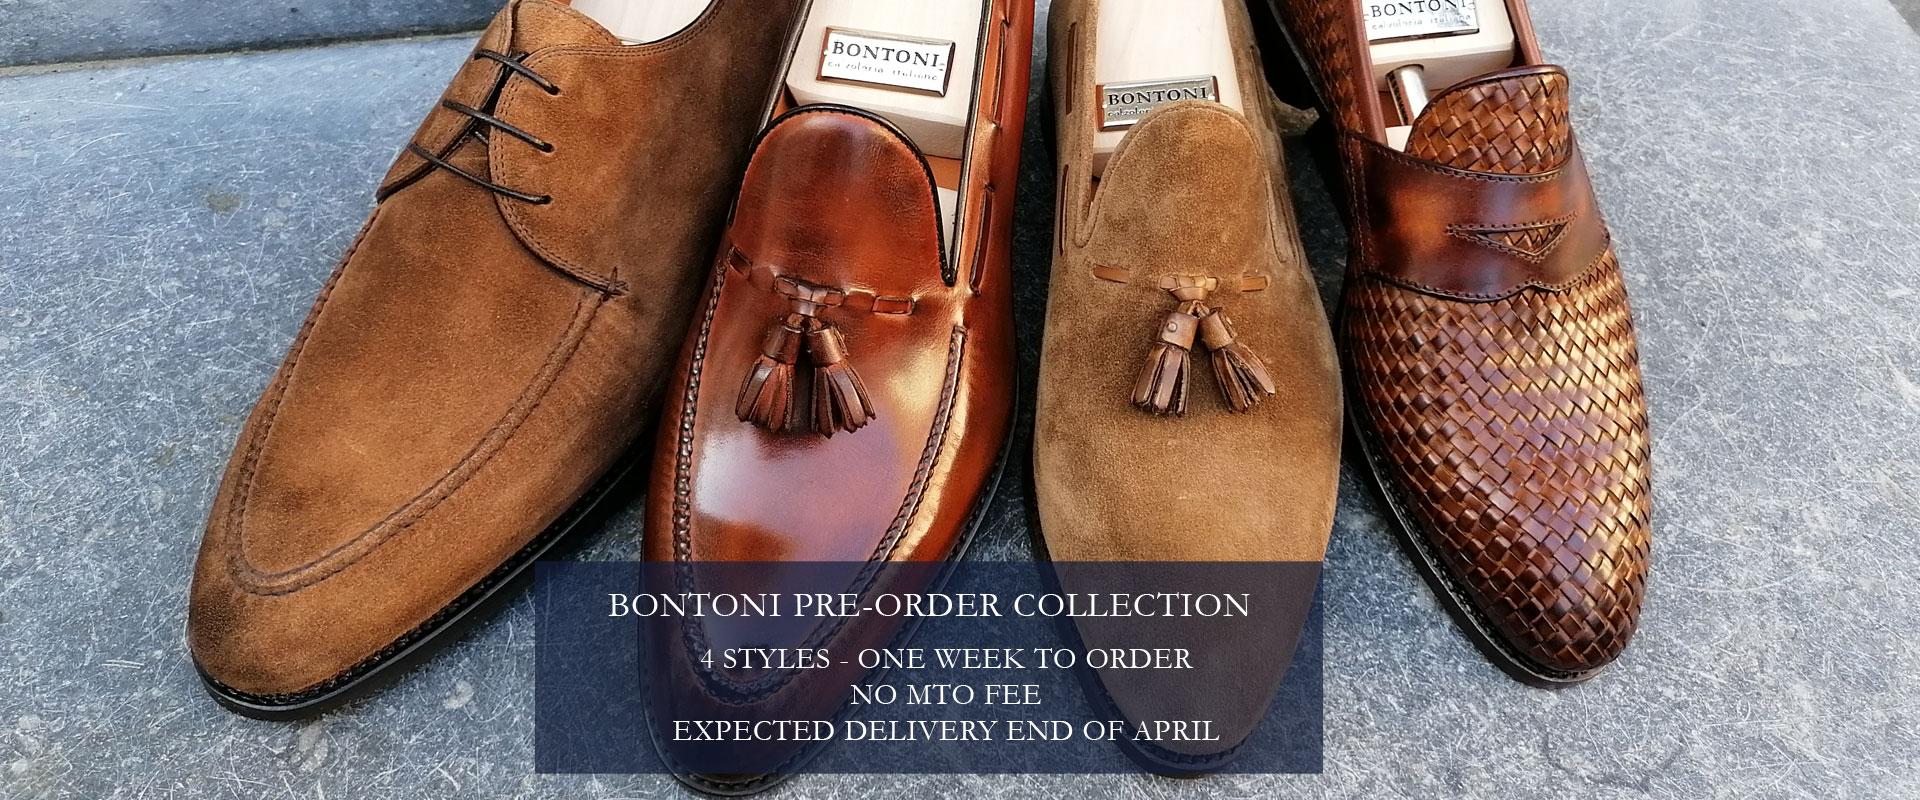 Bontoni Pre-Order